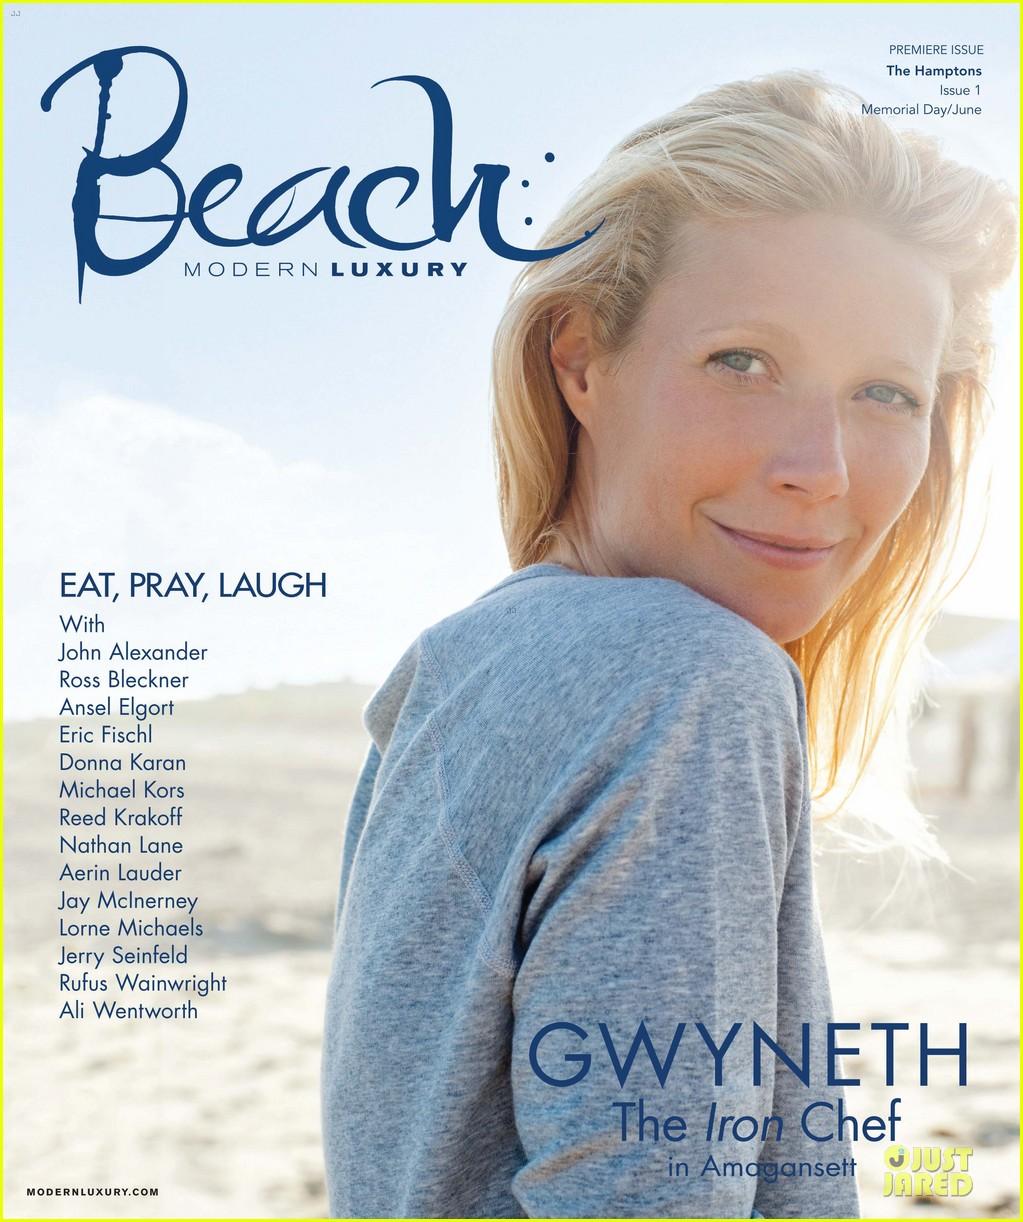 gwyneth paltrow debuts beach magazine 01.2872788